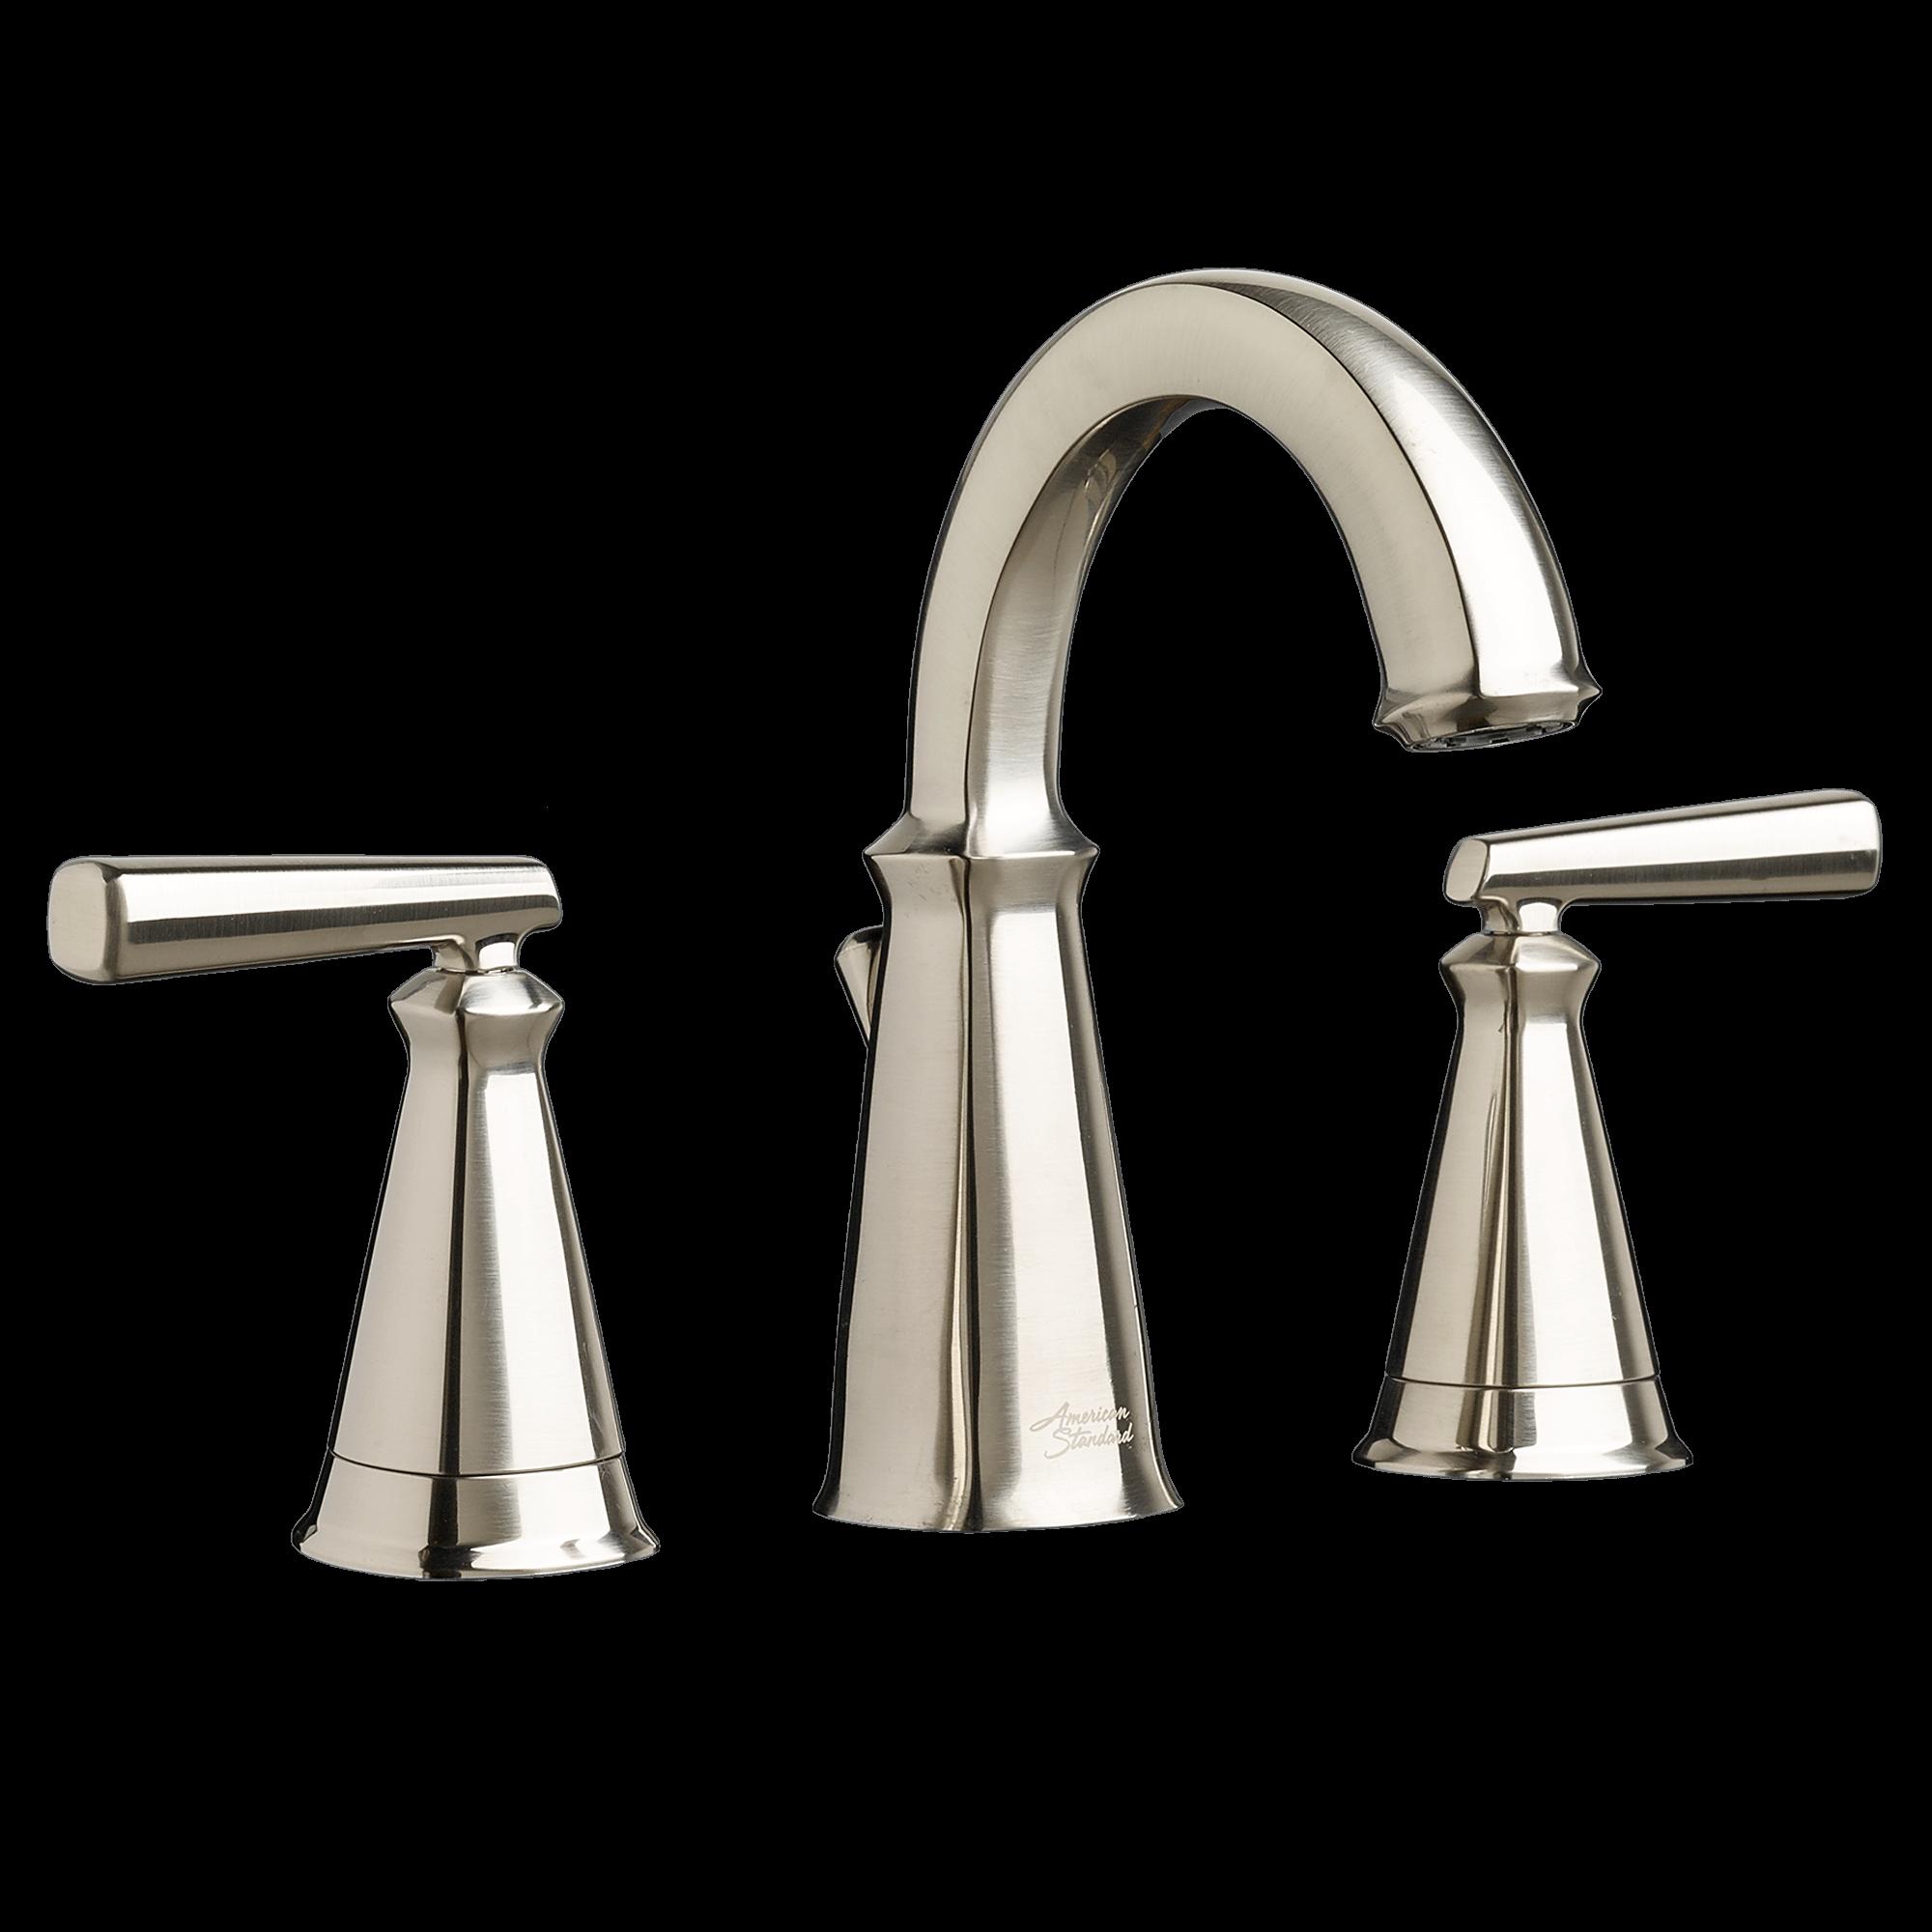 American Standard Kirkdale 8 Widespread Bathroom Sink